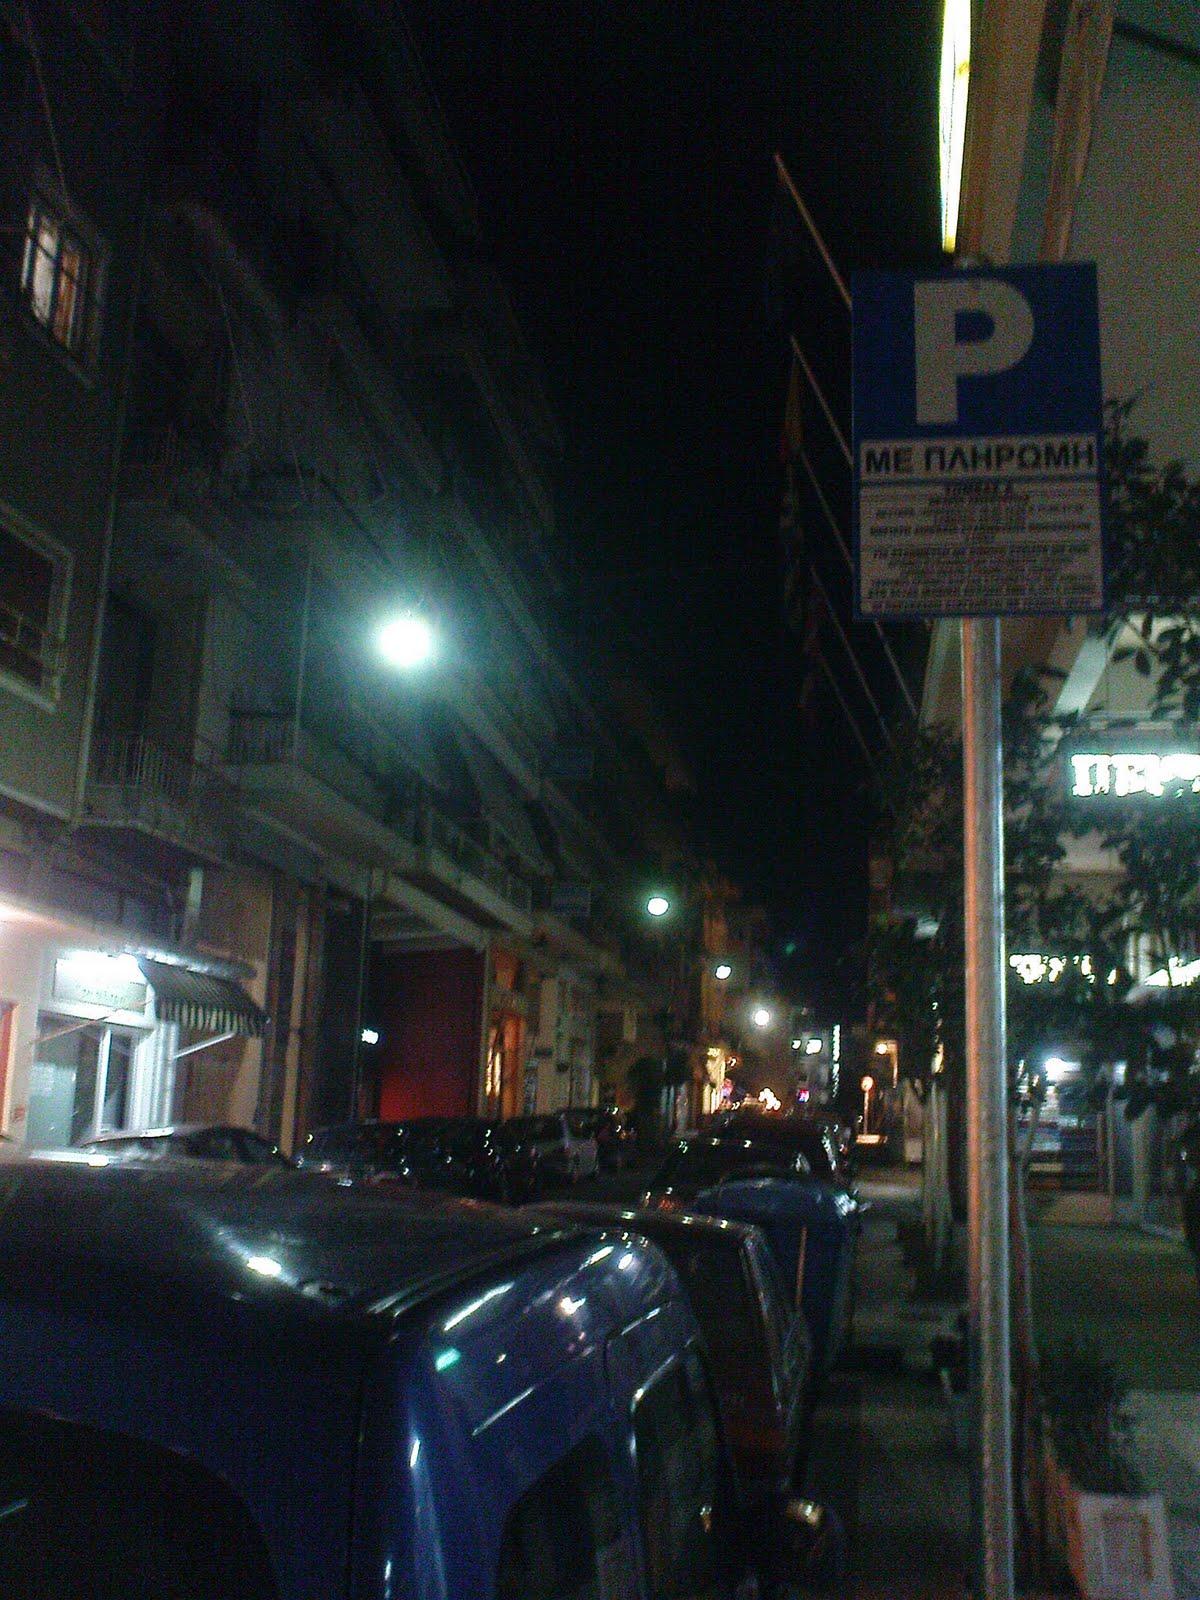 Ο Δήμος Αγρινίου για την ελεγχόμενη στάθμευση